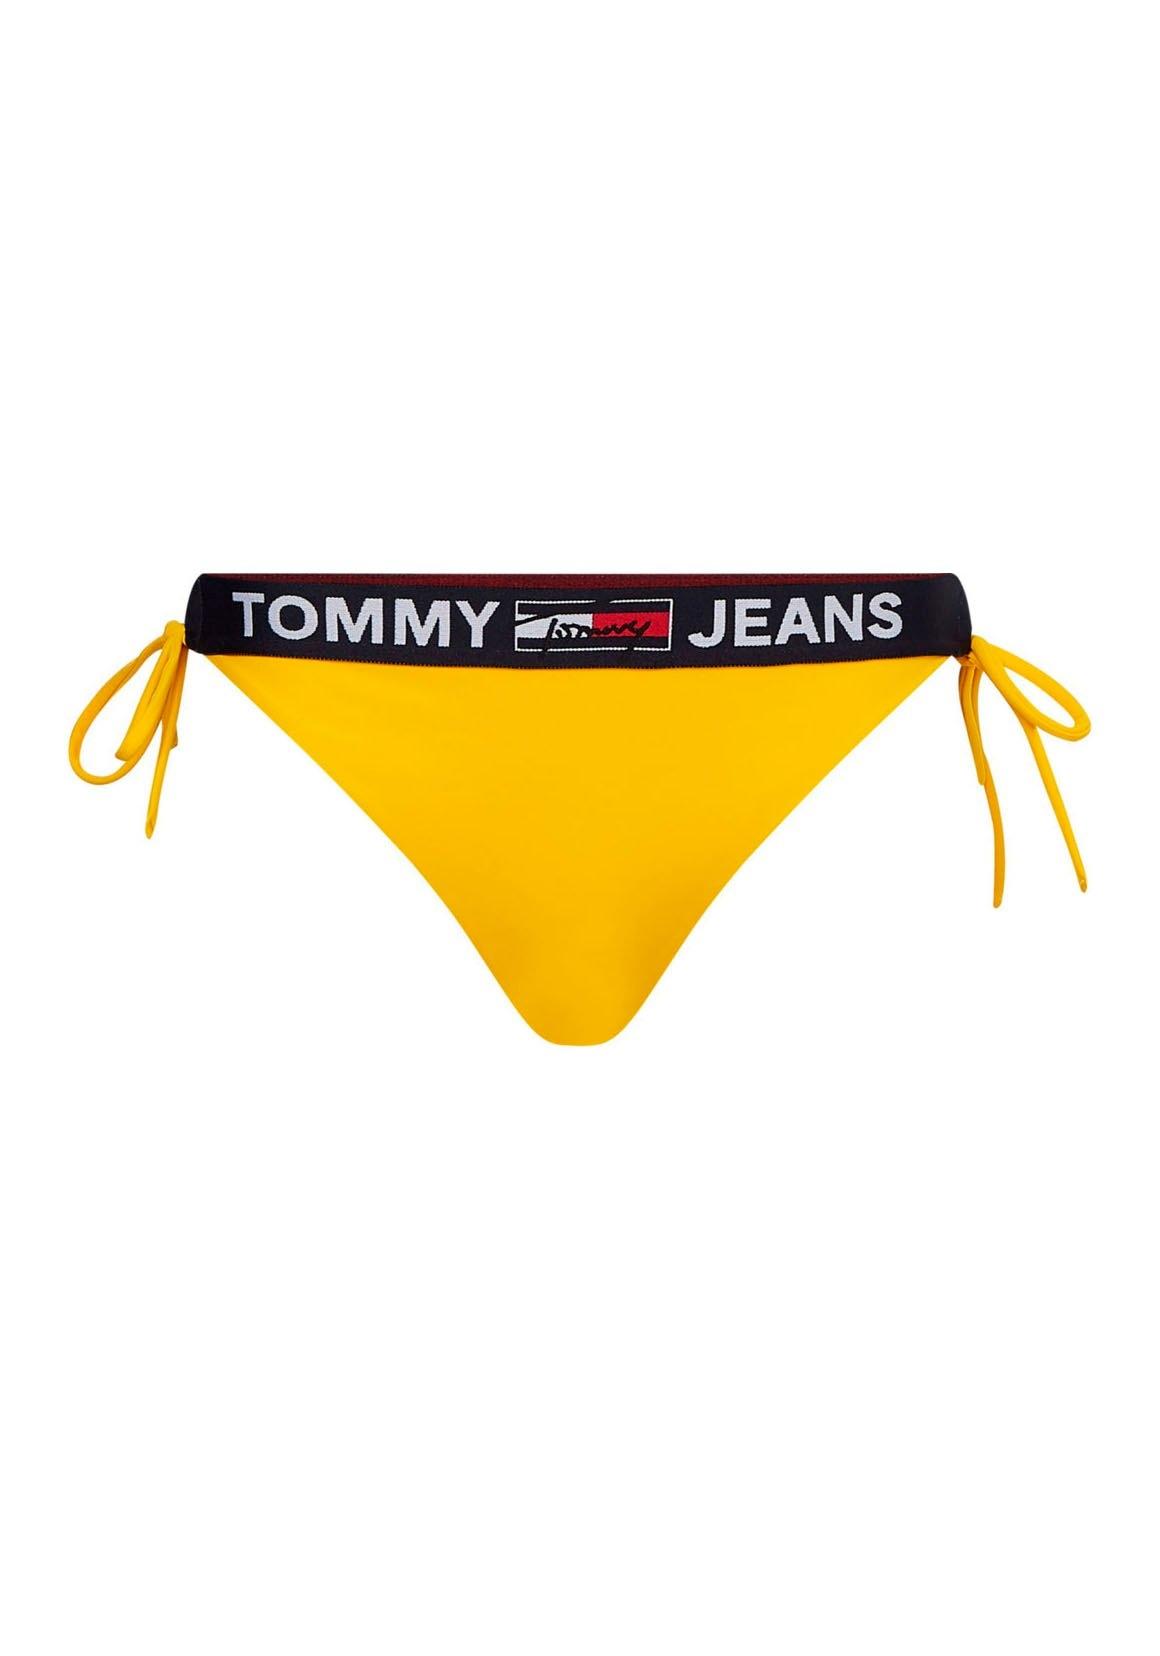 Tommy Hilfiger bikinibroekje met logoband veilig op otto.nl kopen